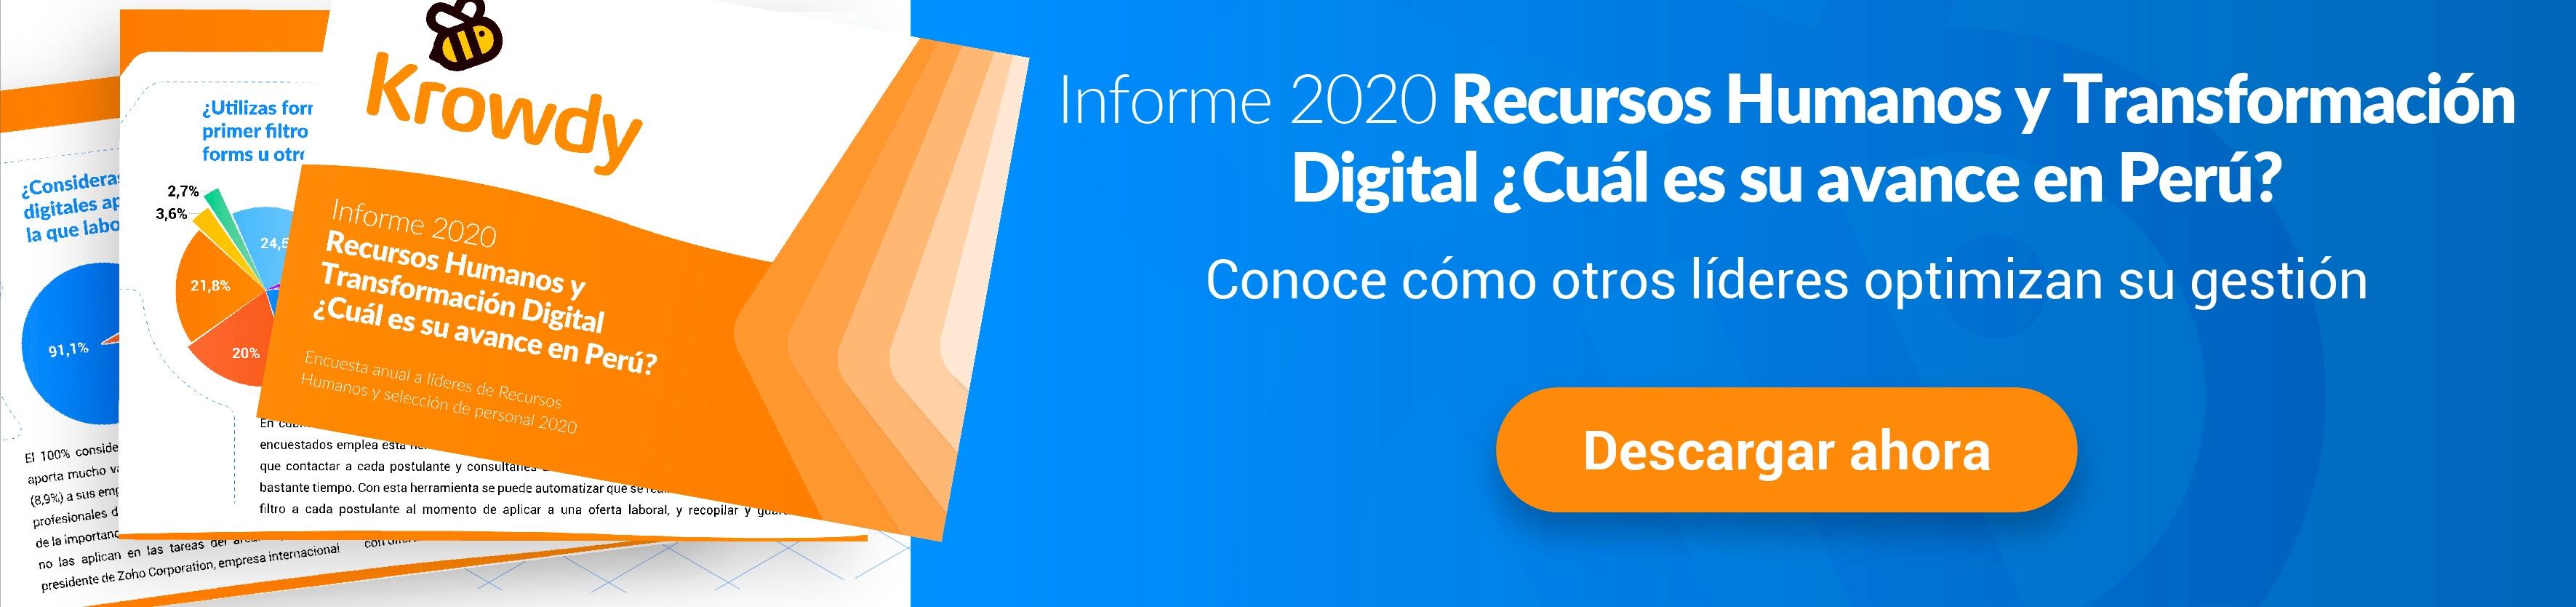 CTA medio Informe 2020 Transformación Digital en Recursos Humanos